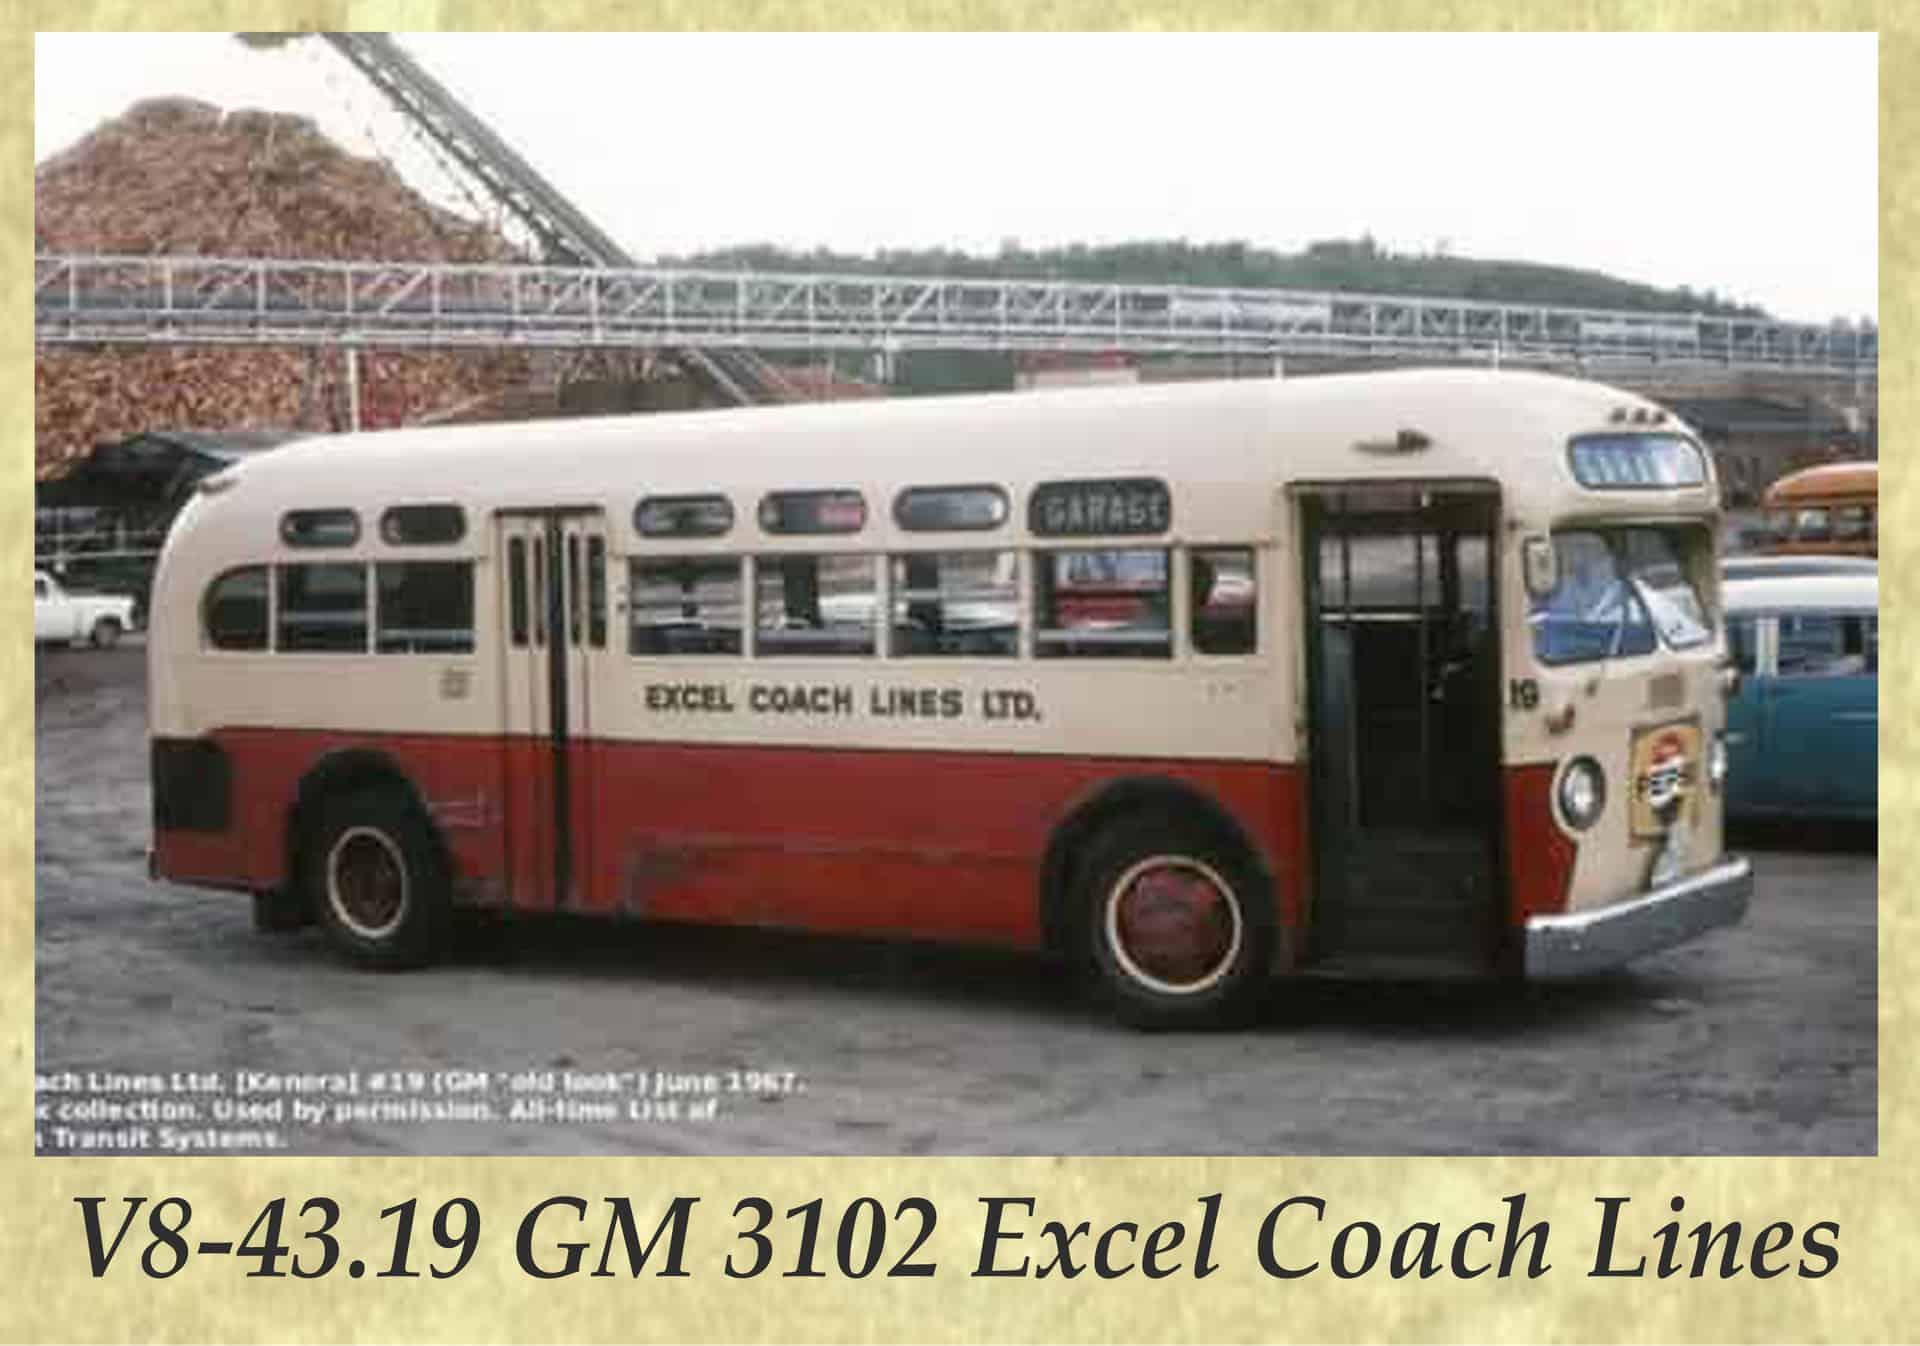 V8-43.19 GM 3102 Excel Coach Lines